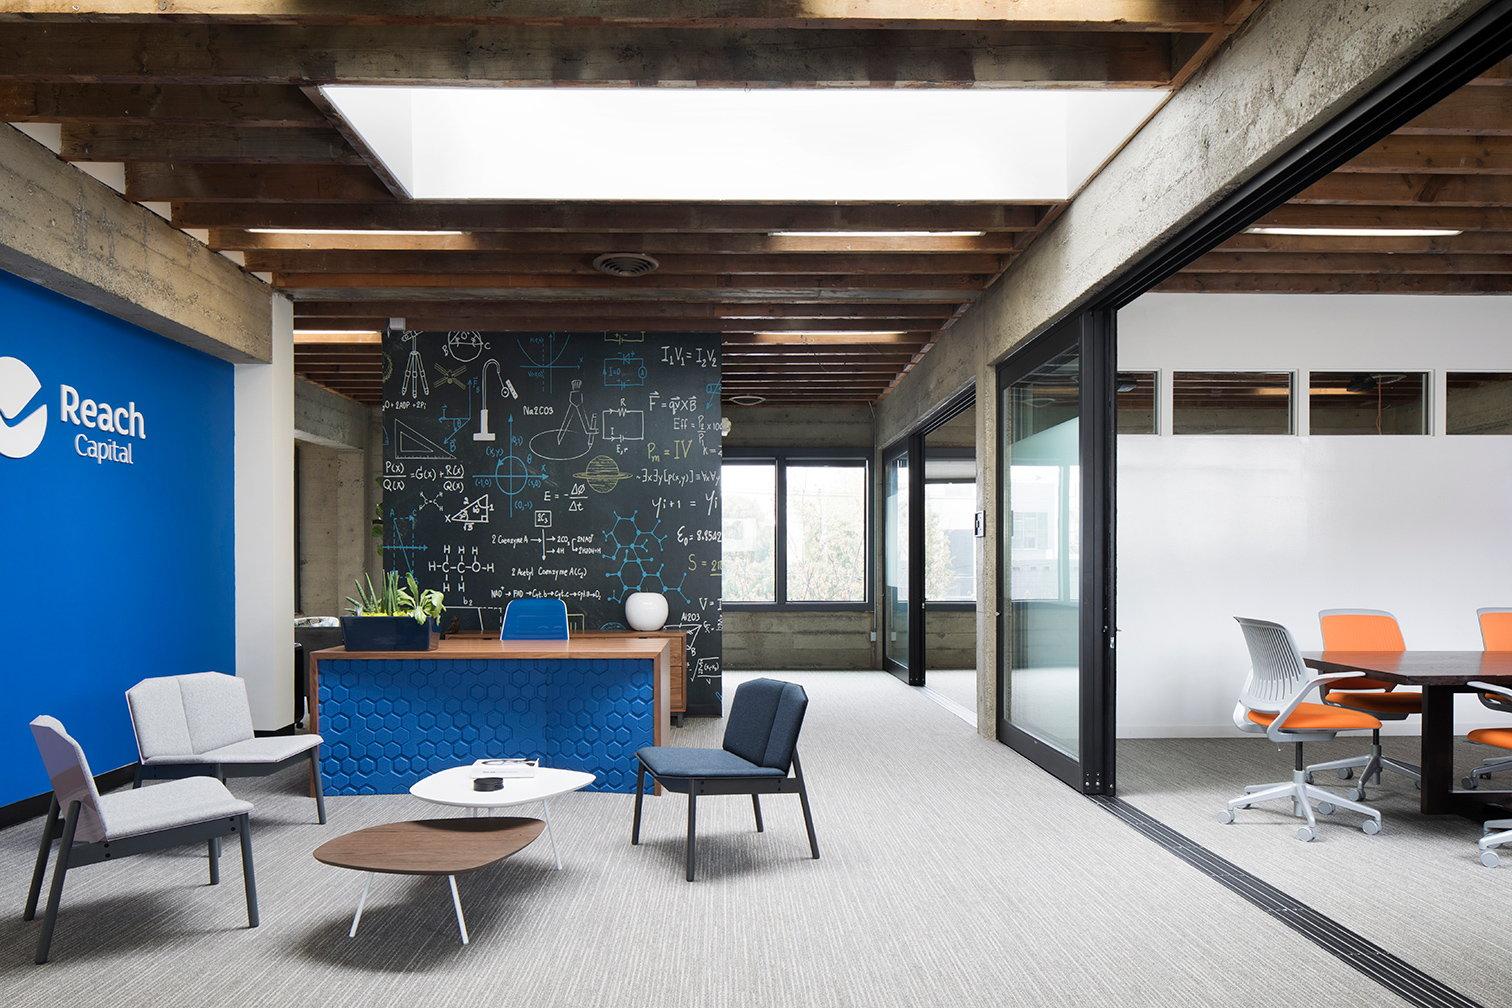 """Reach Capital Headquarters """"class ="""" aimg lazyload """"/> </source> </picture> </figure> <p> Чтобы создать атмосферу, отражающую интеллект фирмы и отдавая дань уважения костям здания, современная цветовая палитра сочетается с современной мебелью середины века. A Стена настенной росписи, похожая на классную доску, нацарапанная формулами и научными изображениями, определяет зону приема. Сосредоточив внимание на совместной работе команды, основная рабочая зона, расположенная в центре, имеет открытый, адаптируемый план этажа с серией ярких рабочих столов. на колесиках и мобильных рабочих креслах можно быстро перенастроить для удовлетворения меняющихся потребностей. Вспомогательная мебель в обтекаемых силуэтах и приглушенных оттенках серого и елового синего определяет социальные области. </p> <p> Подыгрывая каркас здания Работая и создавая поэтажный план со сплоченным потоком, JLA смогла спроектировать пространство, которое излучает комфорт, общность и функциональность. </p> <figure class="""